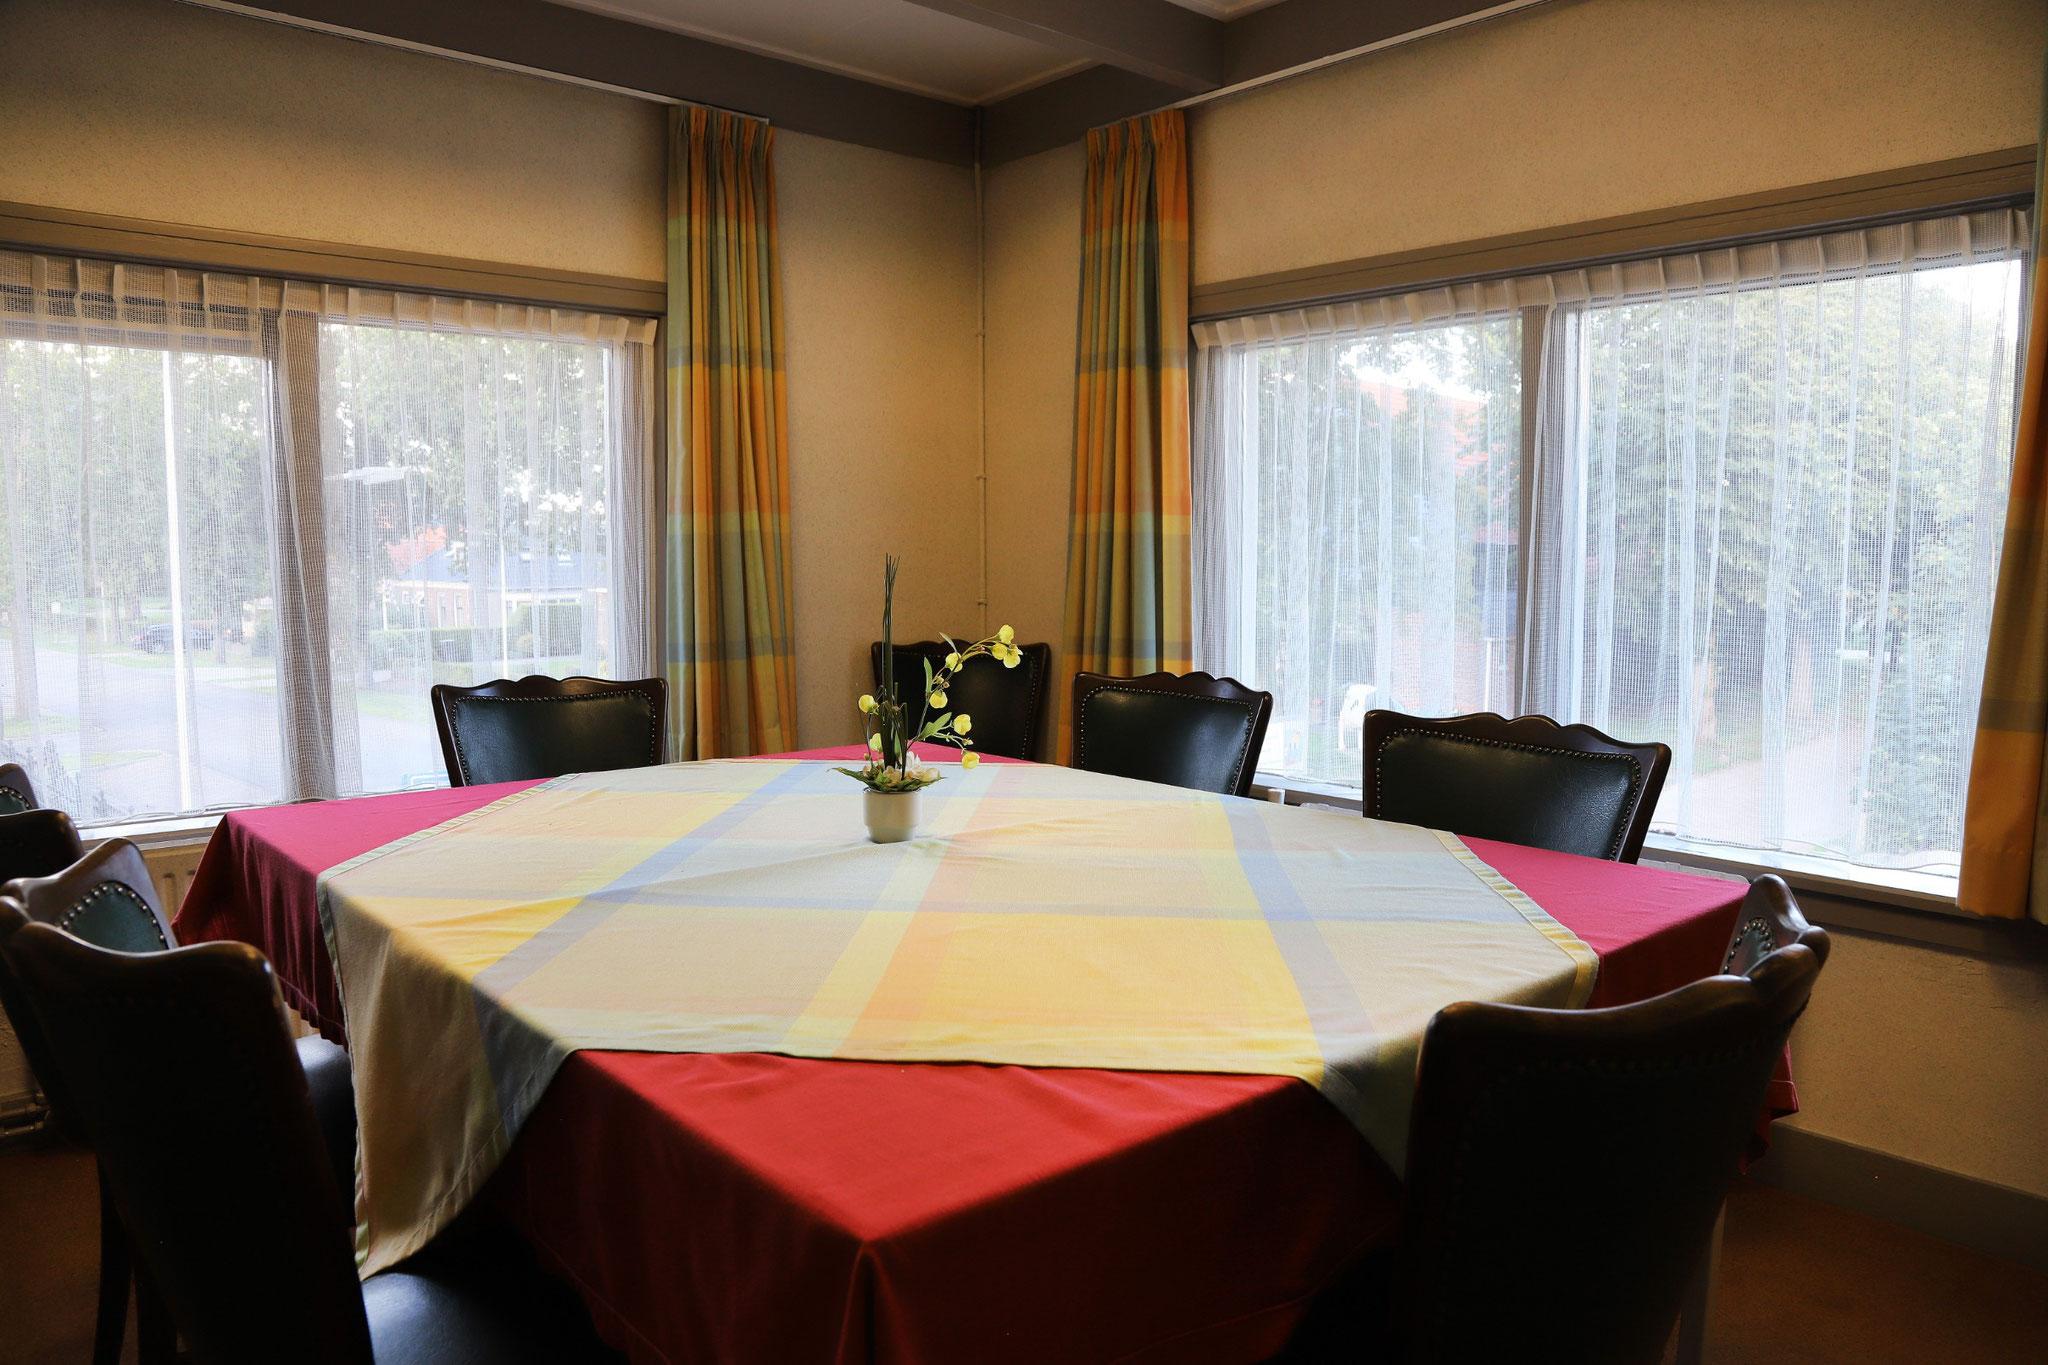 Vergaderruimte geschikt voor ca. 15 personen